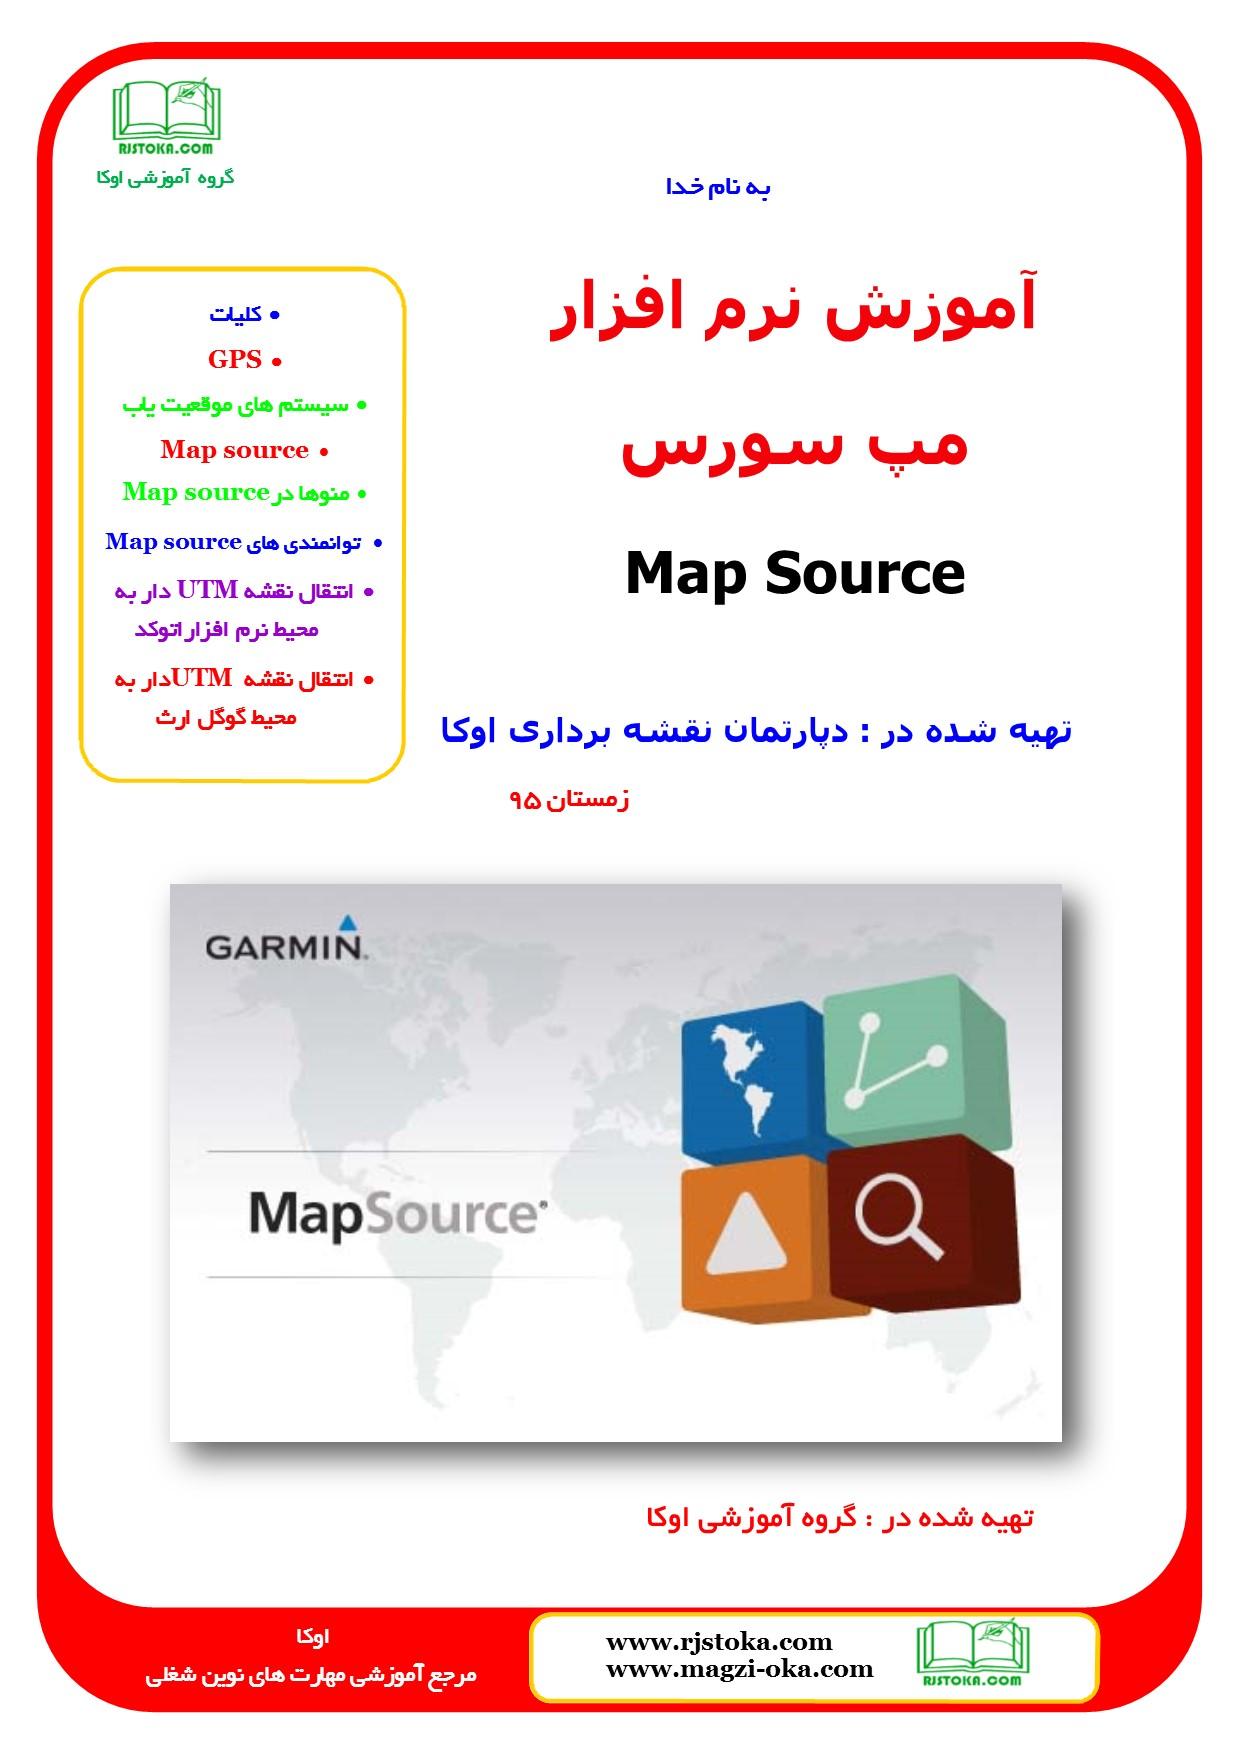 جزوه آموزشی نرم افزار مپ سورس (Map Source)